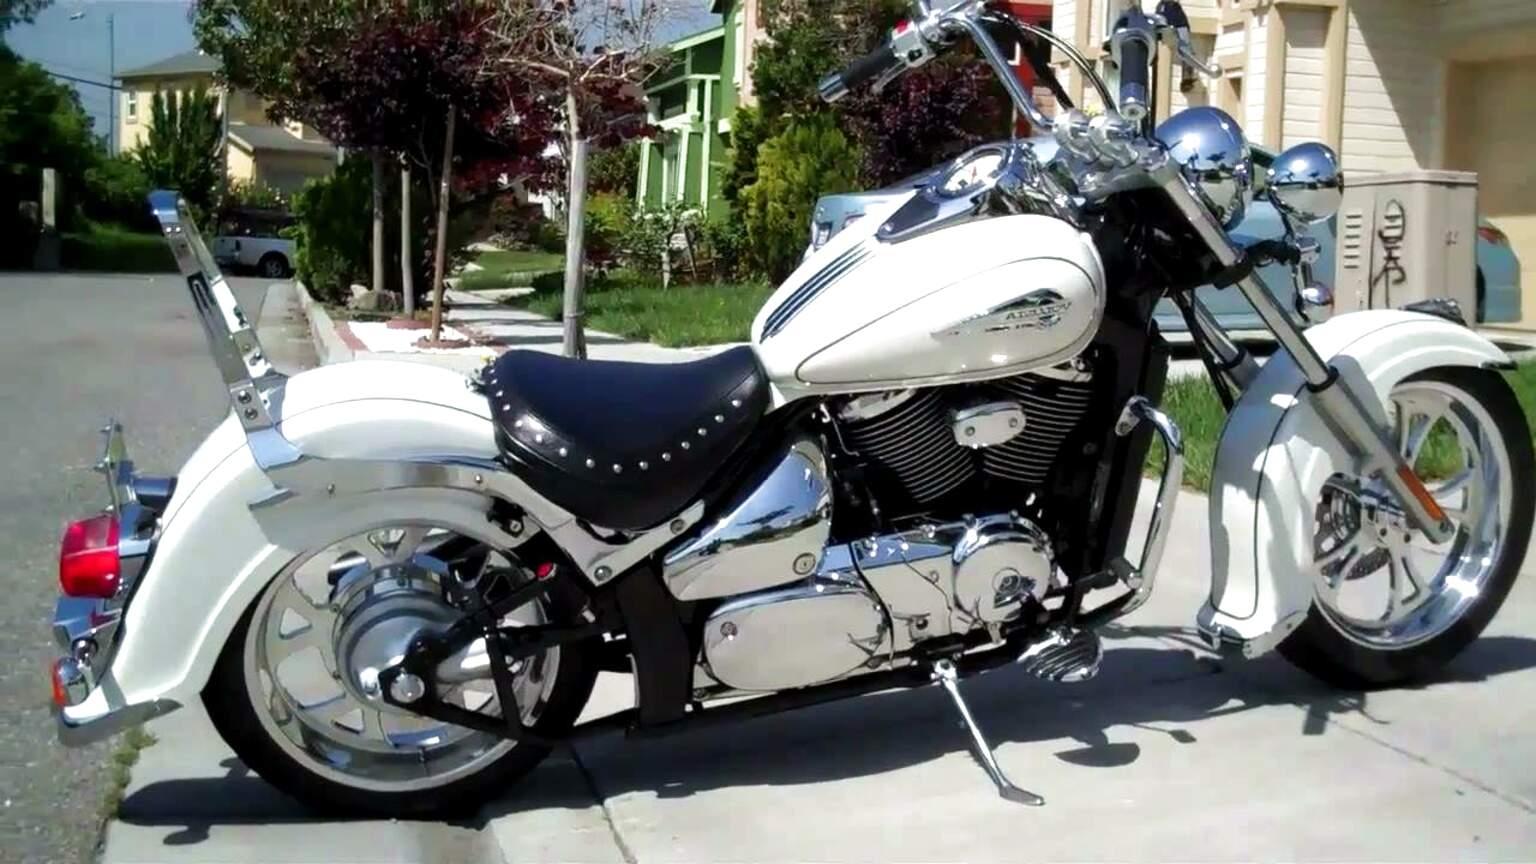 Suzuki Intruder 800 #4   Suzuki bikes, Cruiser motorcycle